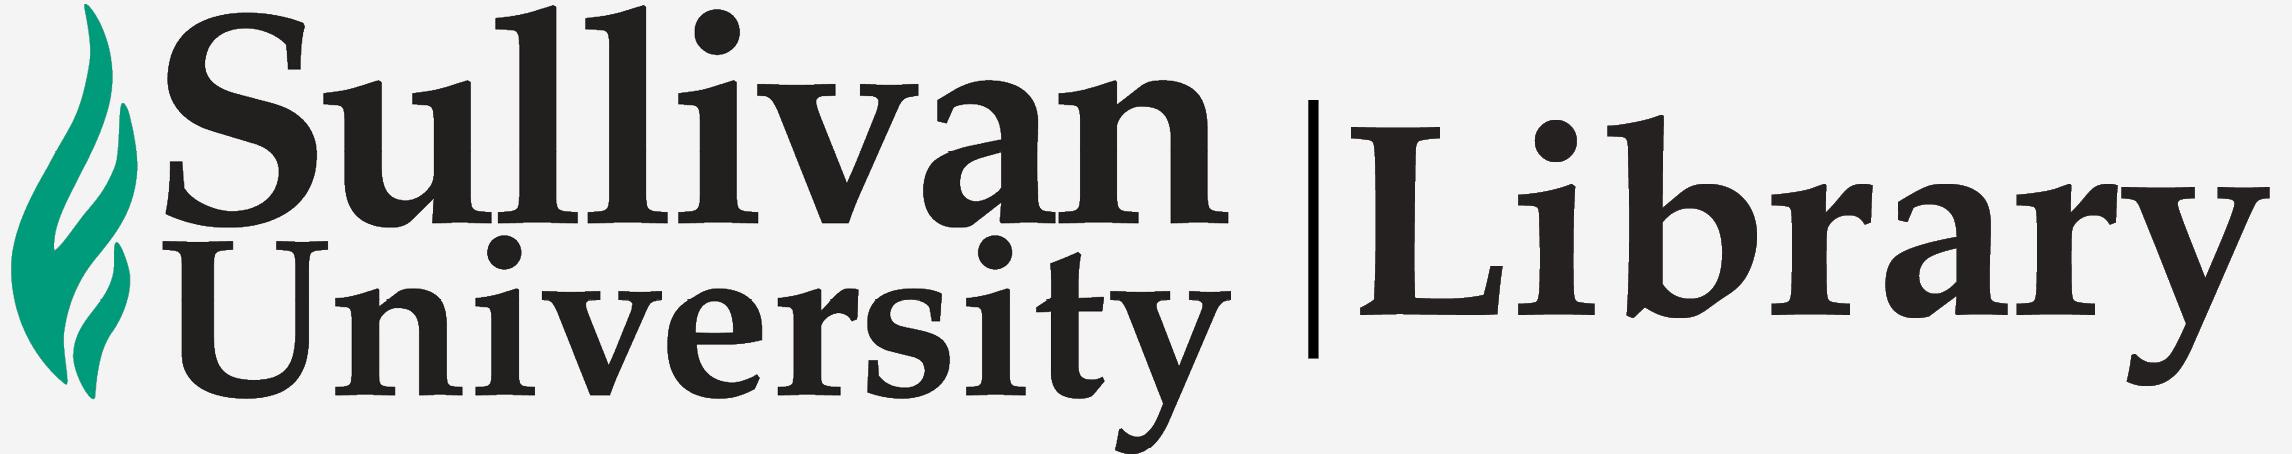 Sullivan University Library